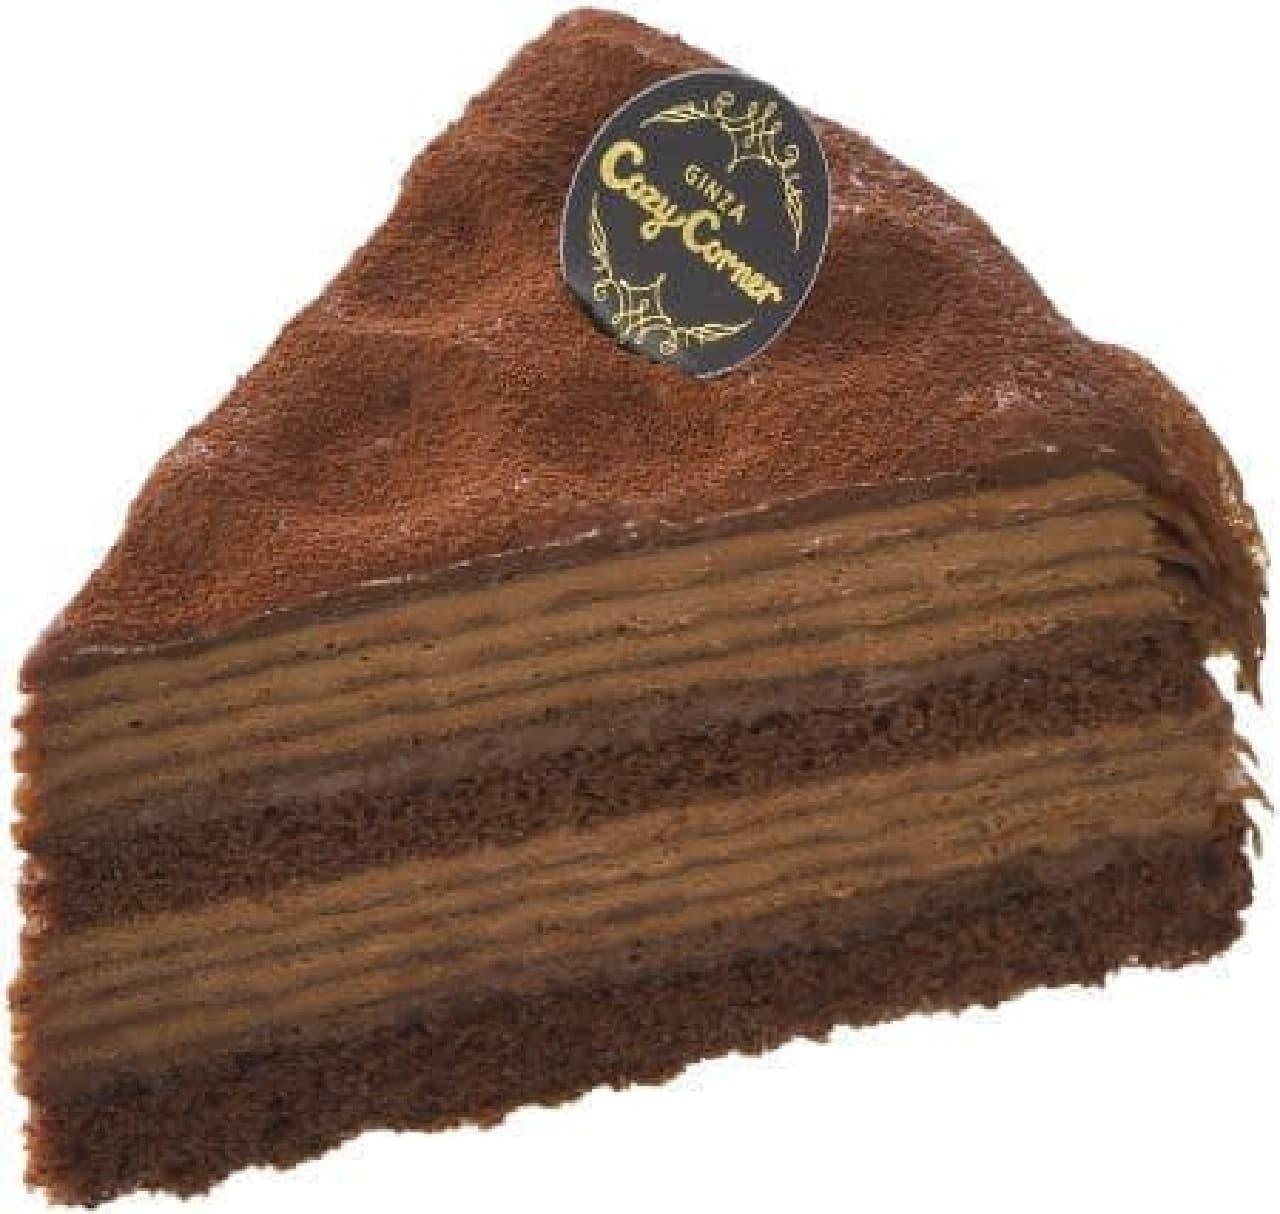 銀座コージーコーナー「濃厚チョコミルクレープ」